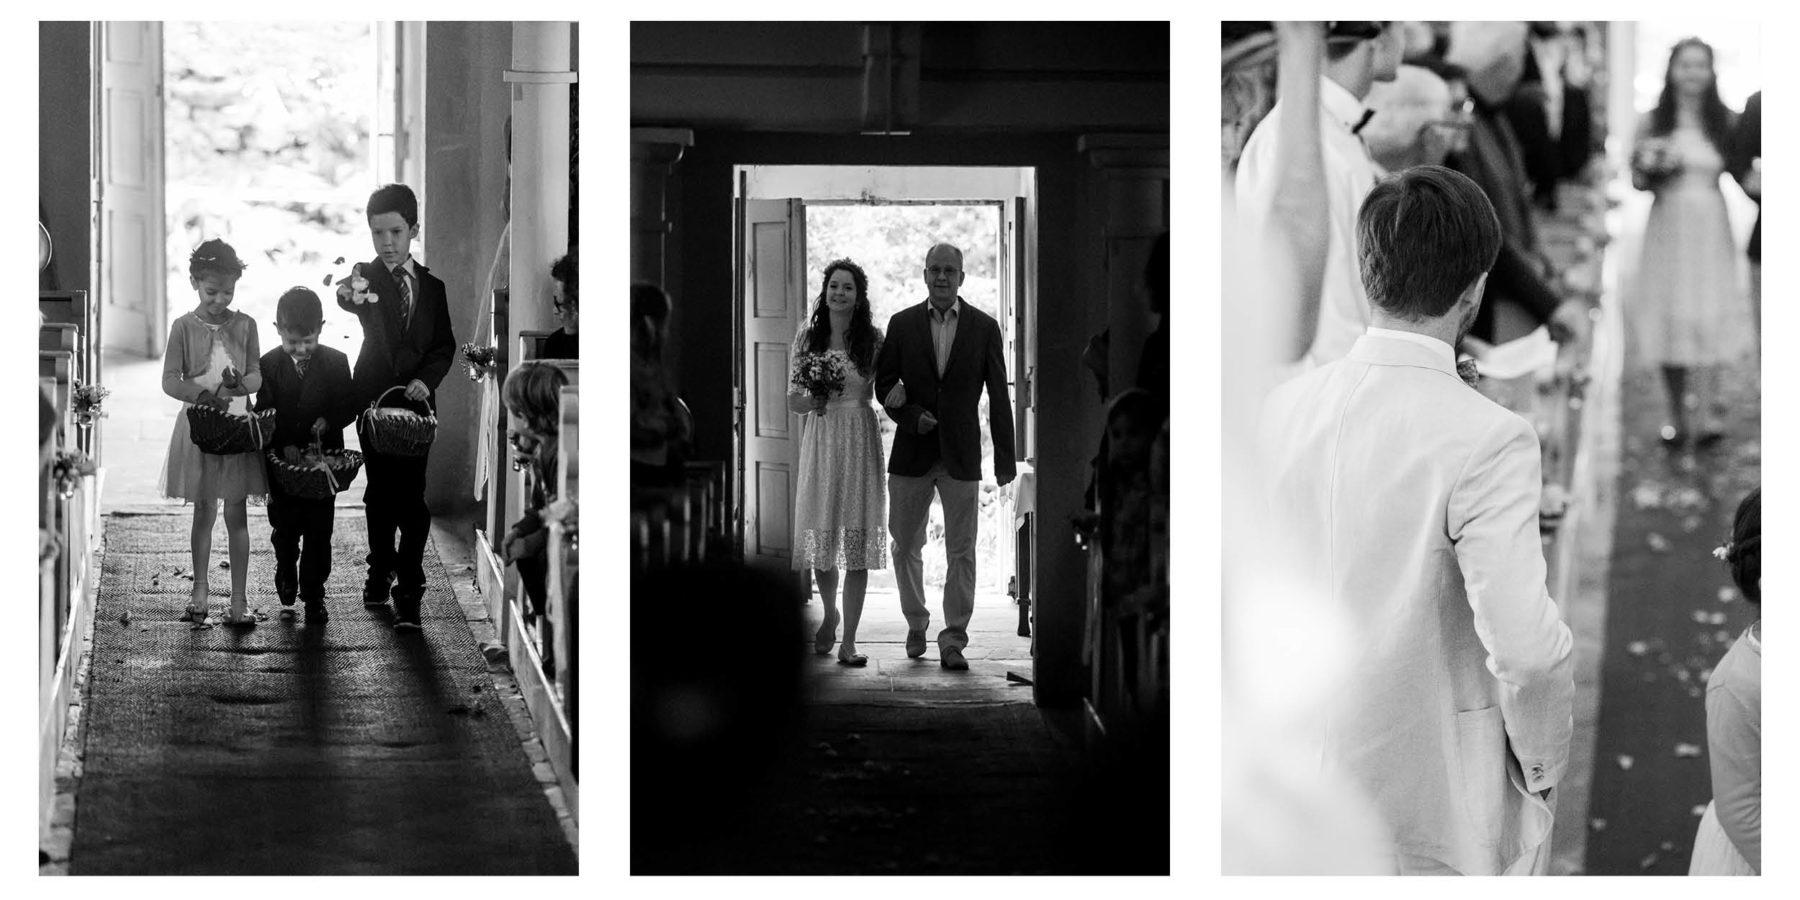 My Wedding Pictures Hochzeitsfotos Und Videos Vater Bringt Die Braut